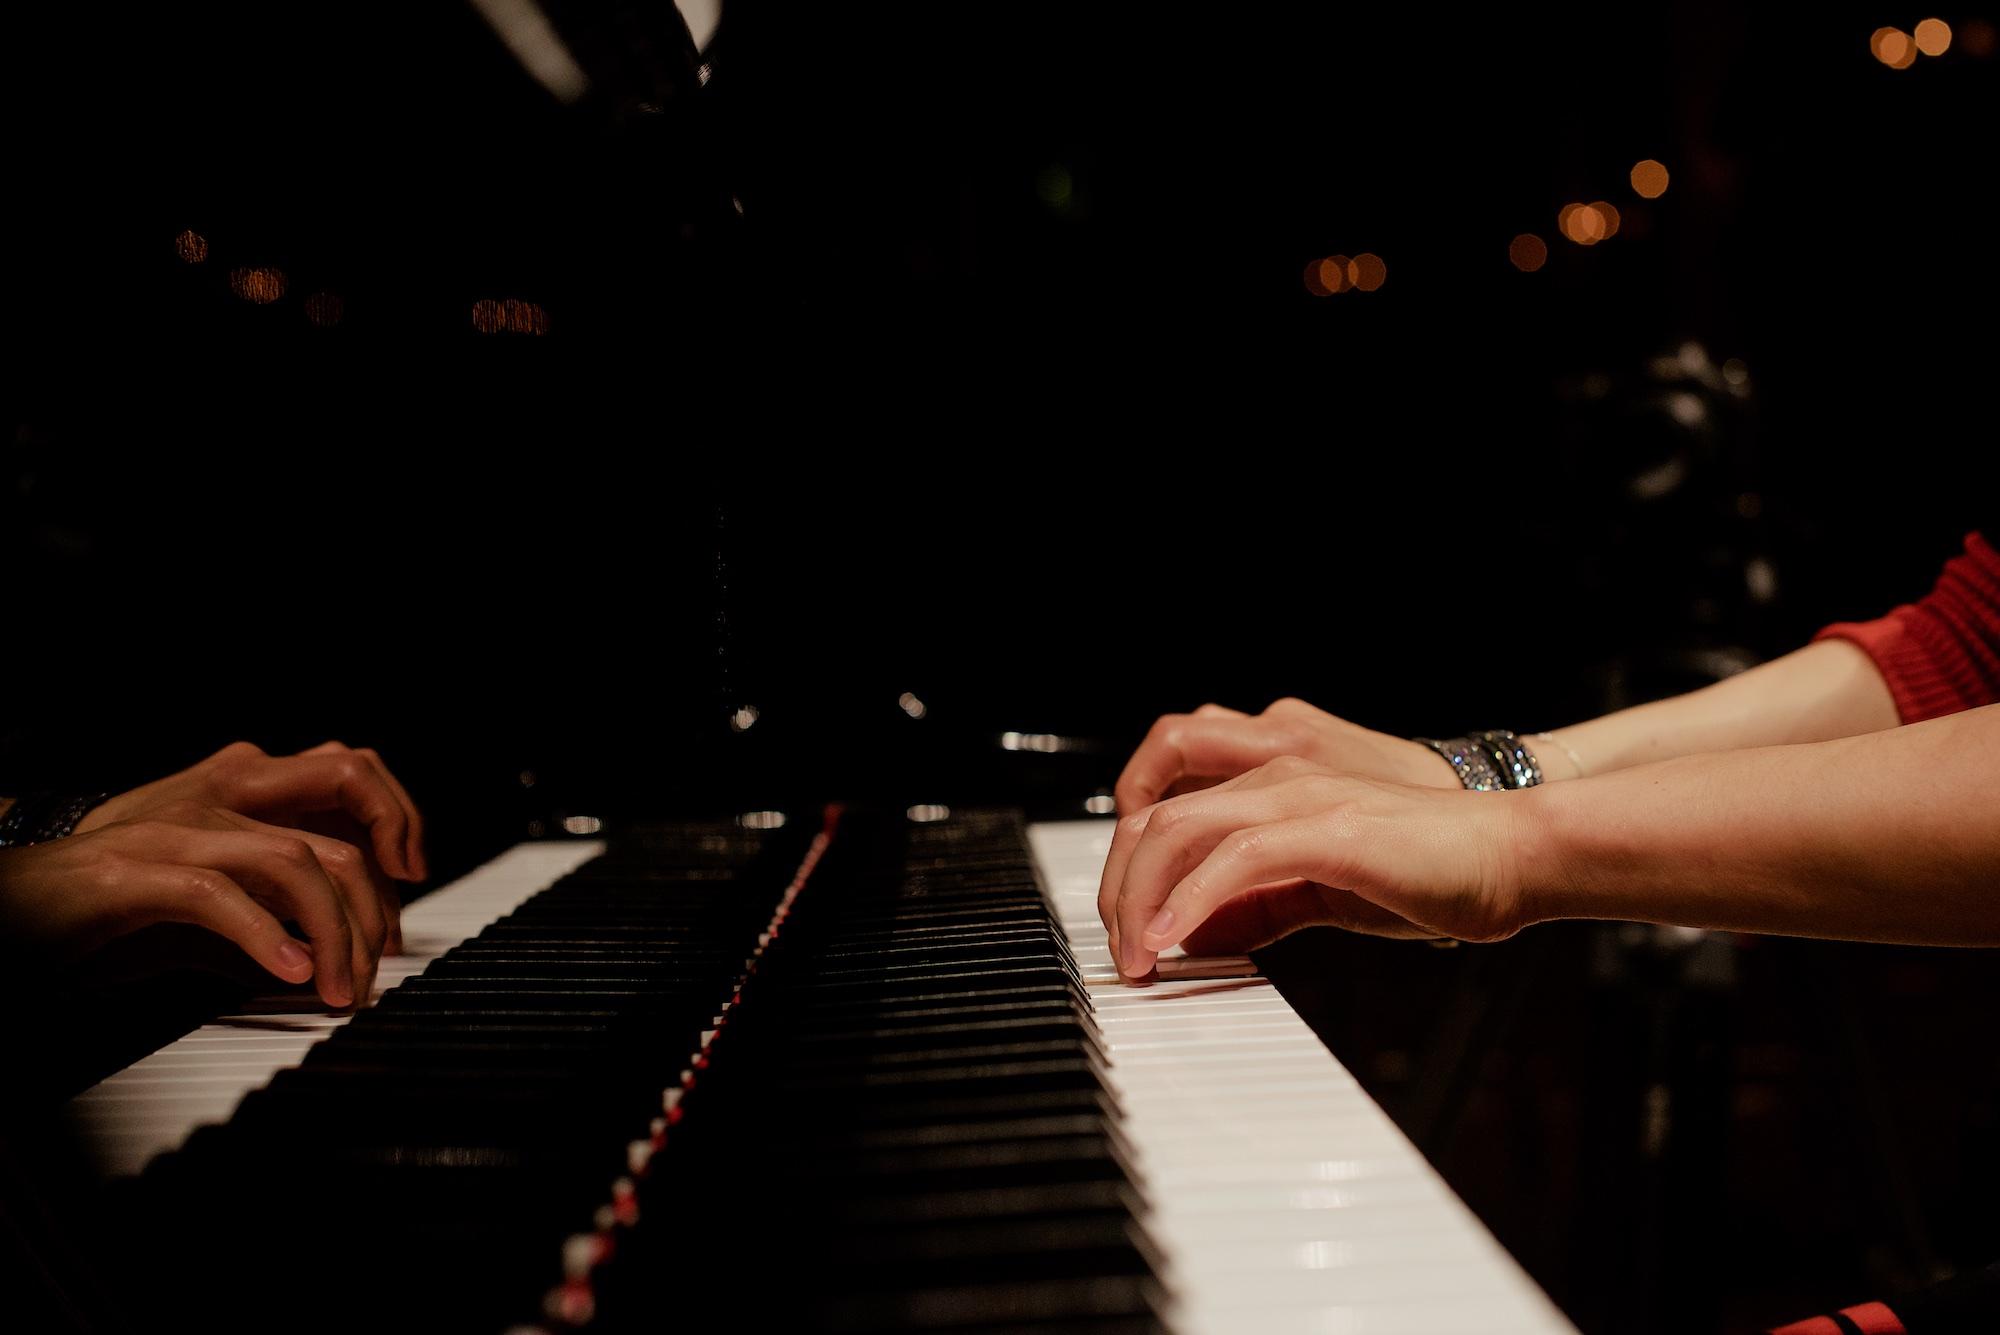 aisa-ijiri-carnegie-hall-steinway-piano-5